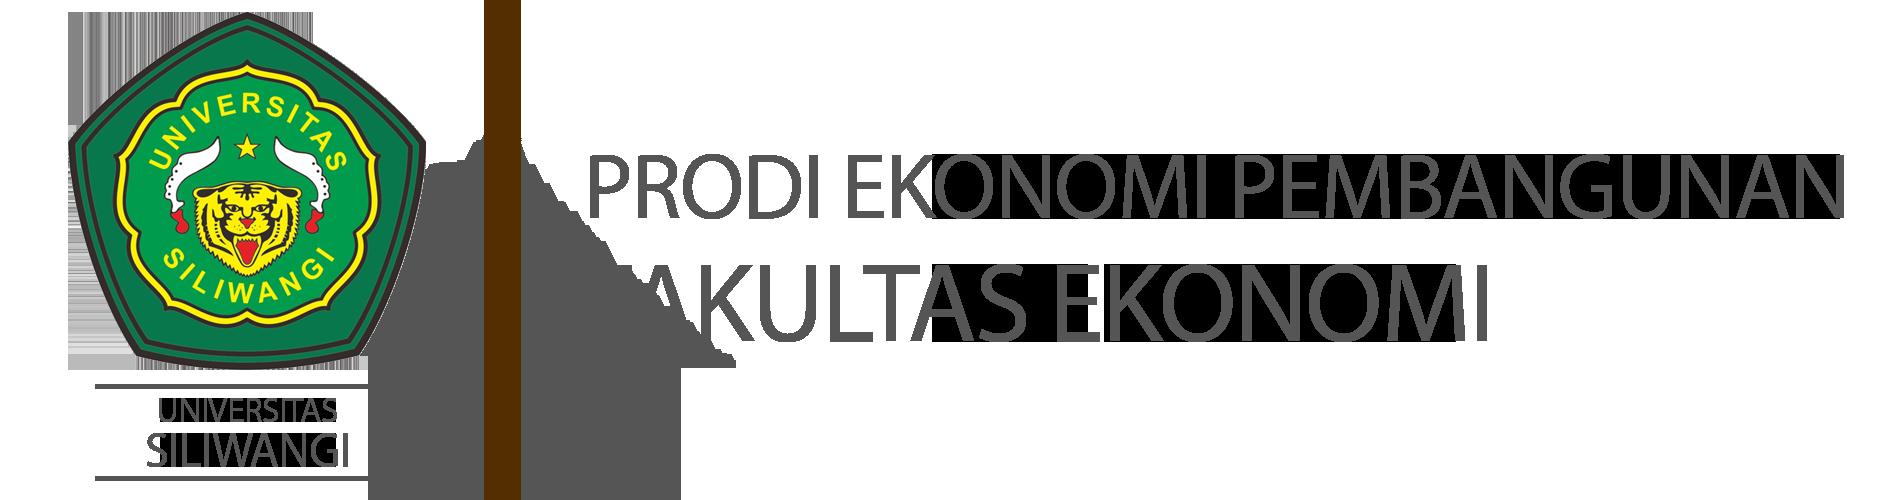 Website Resmi Prodi Ekonomi Pembangunan Universitas Siliwangi